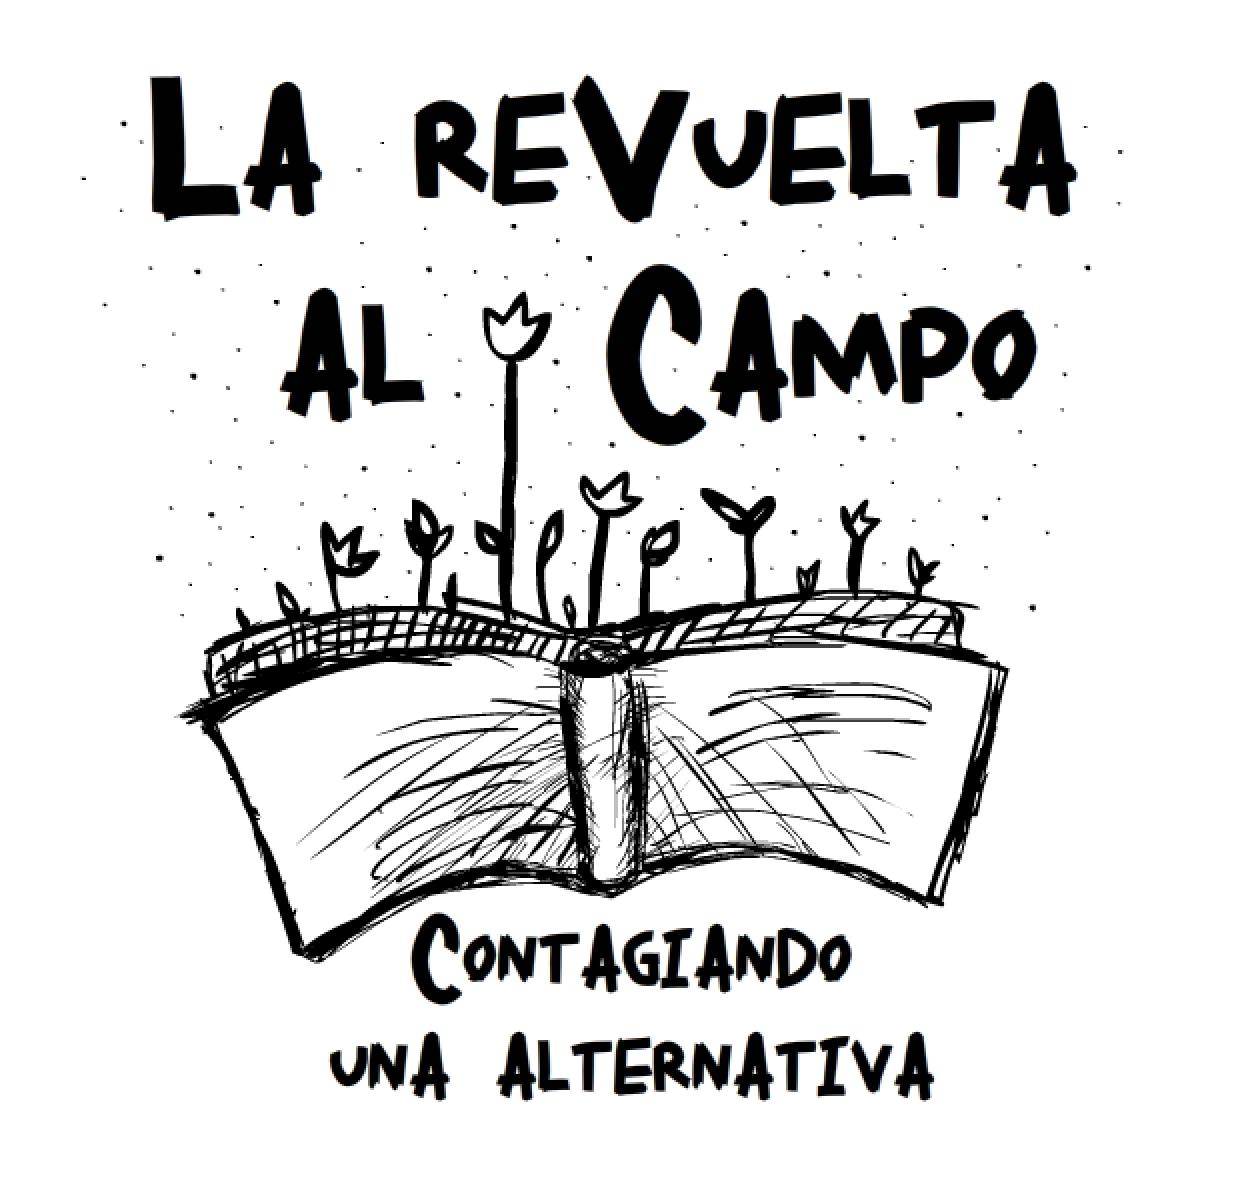 La revuelta al campo